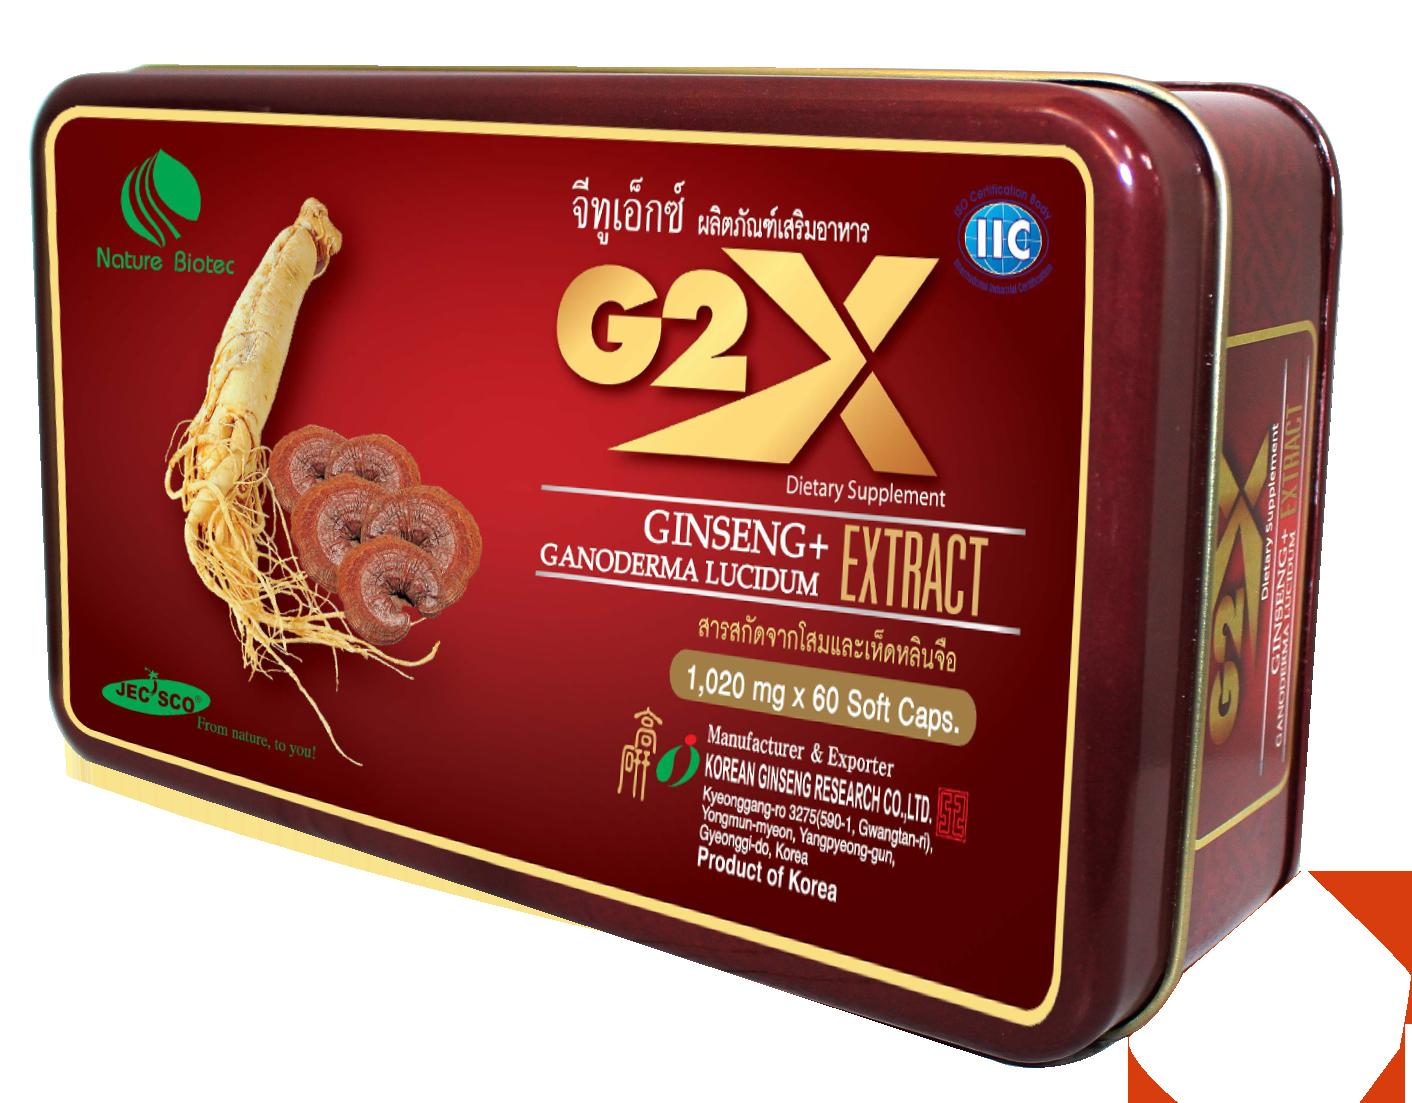 G2X (จีทูเอ็กซ์) ผลิตภัณฑ์เสริมอาหาร โสมเกาหลี+เห็ดหลินจือ 60แคปซูล ราคา 1,295 บาท ส่งฟรี